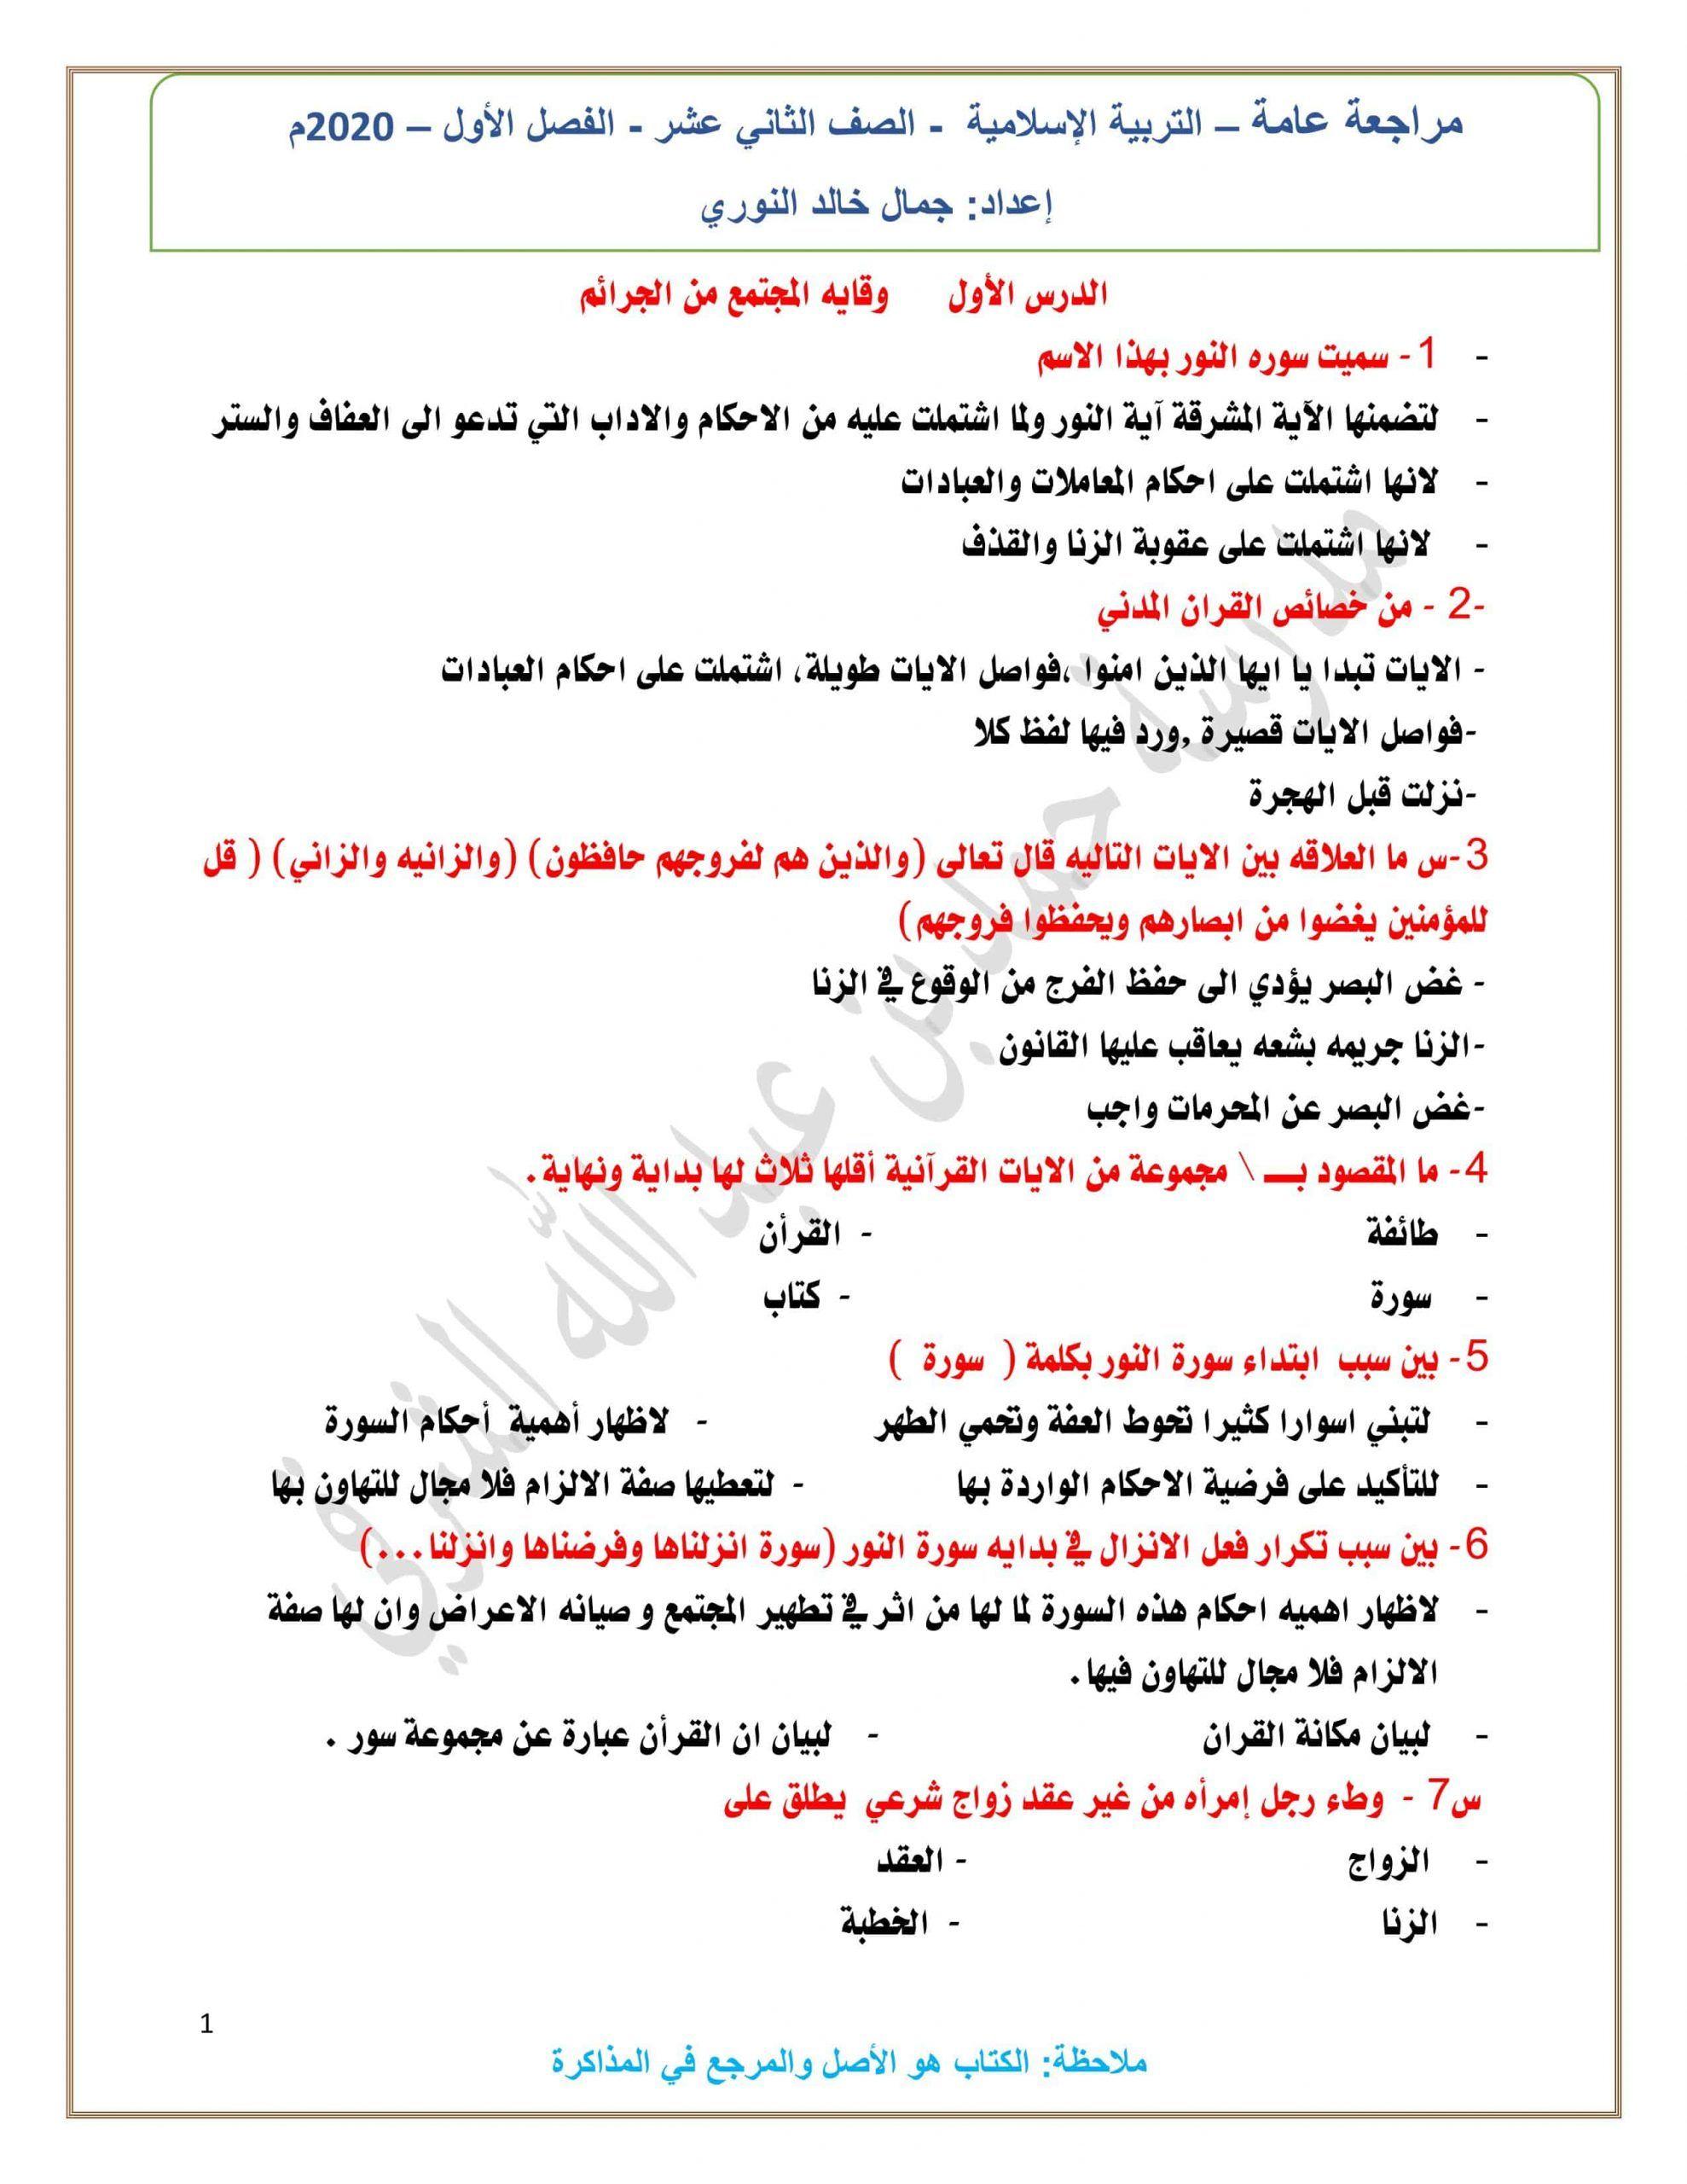 حل اوراق عمل مراجعة عامة الصف الثاني عشر مادة التربية الاسلامية